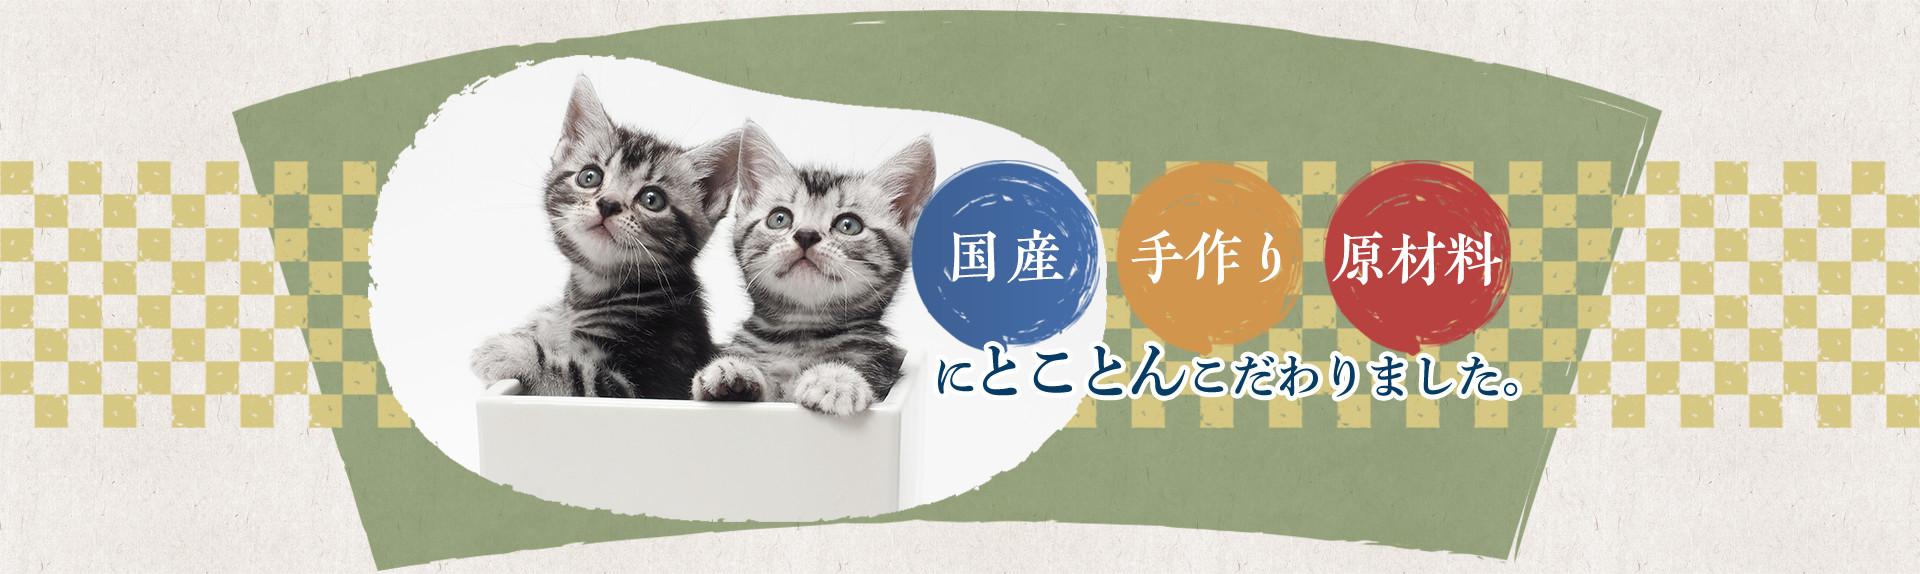 画像:猫『国産』『手作り』『原材料』にとことんこだわりました。